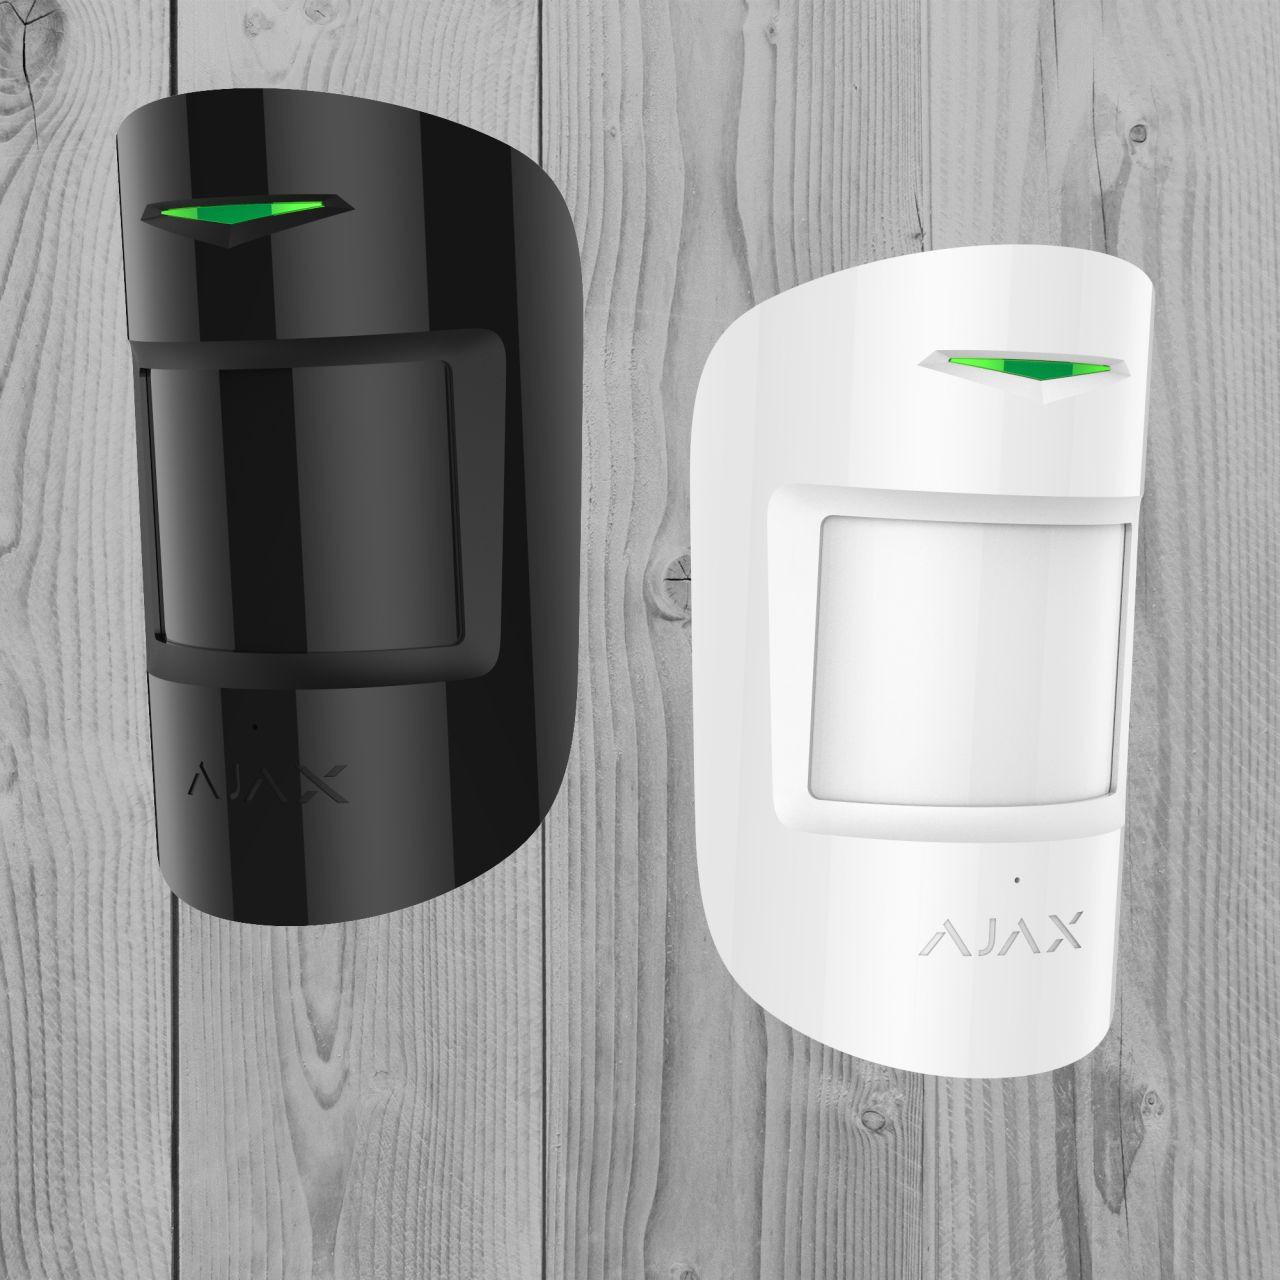 Бездротовий датчик руху та розбиття Ajax CombiProtect (білий, чорний)